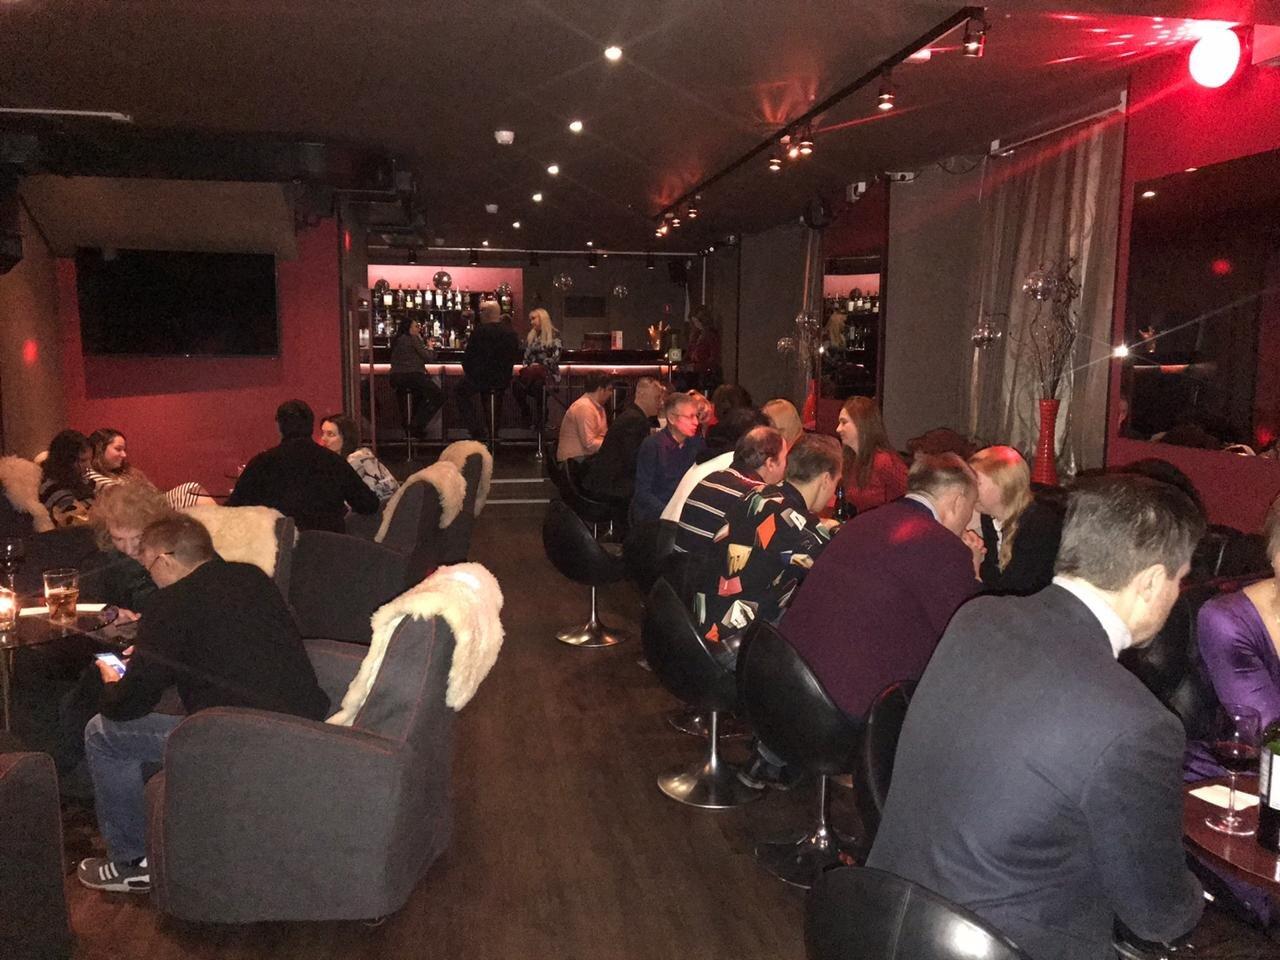 Клуб знакомств в москве 7 небо самые лучшие ночные клубы москвы 2021